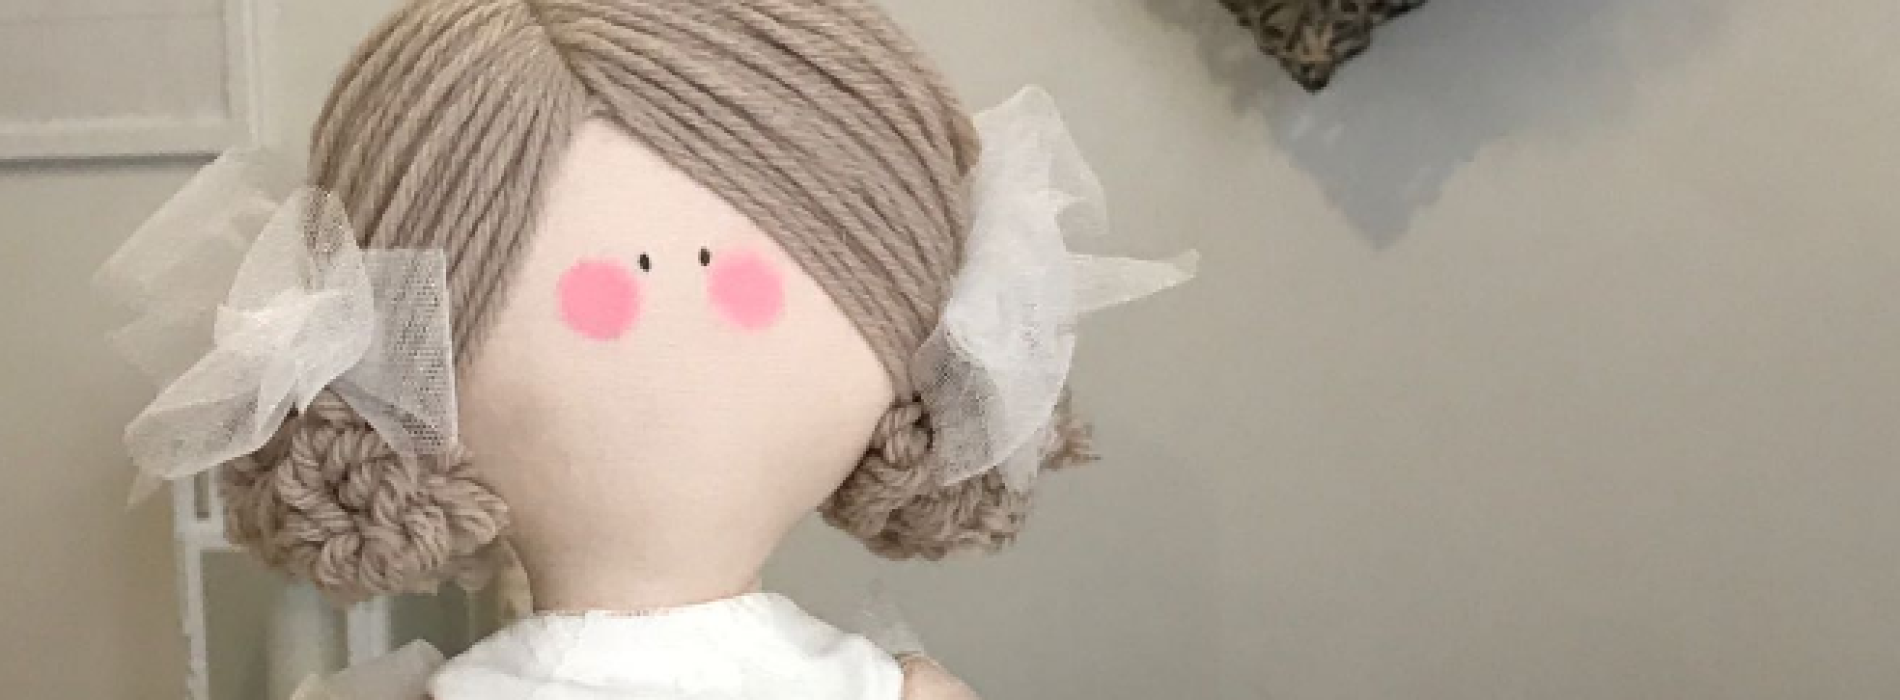 Le Piccoline del Cuore, una casa di bambola nell'Antica Capua